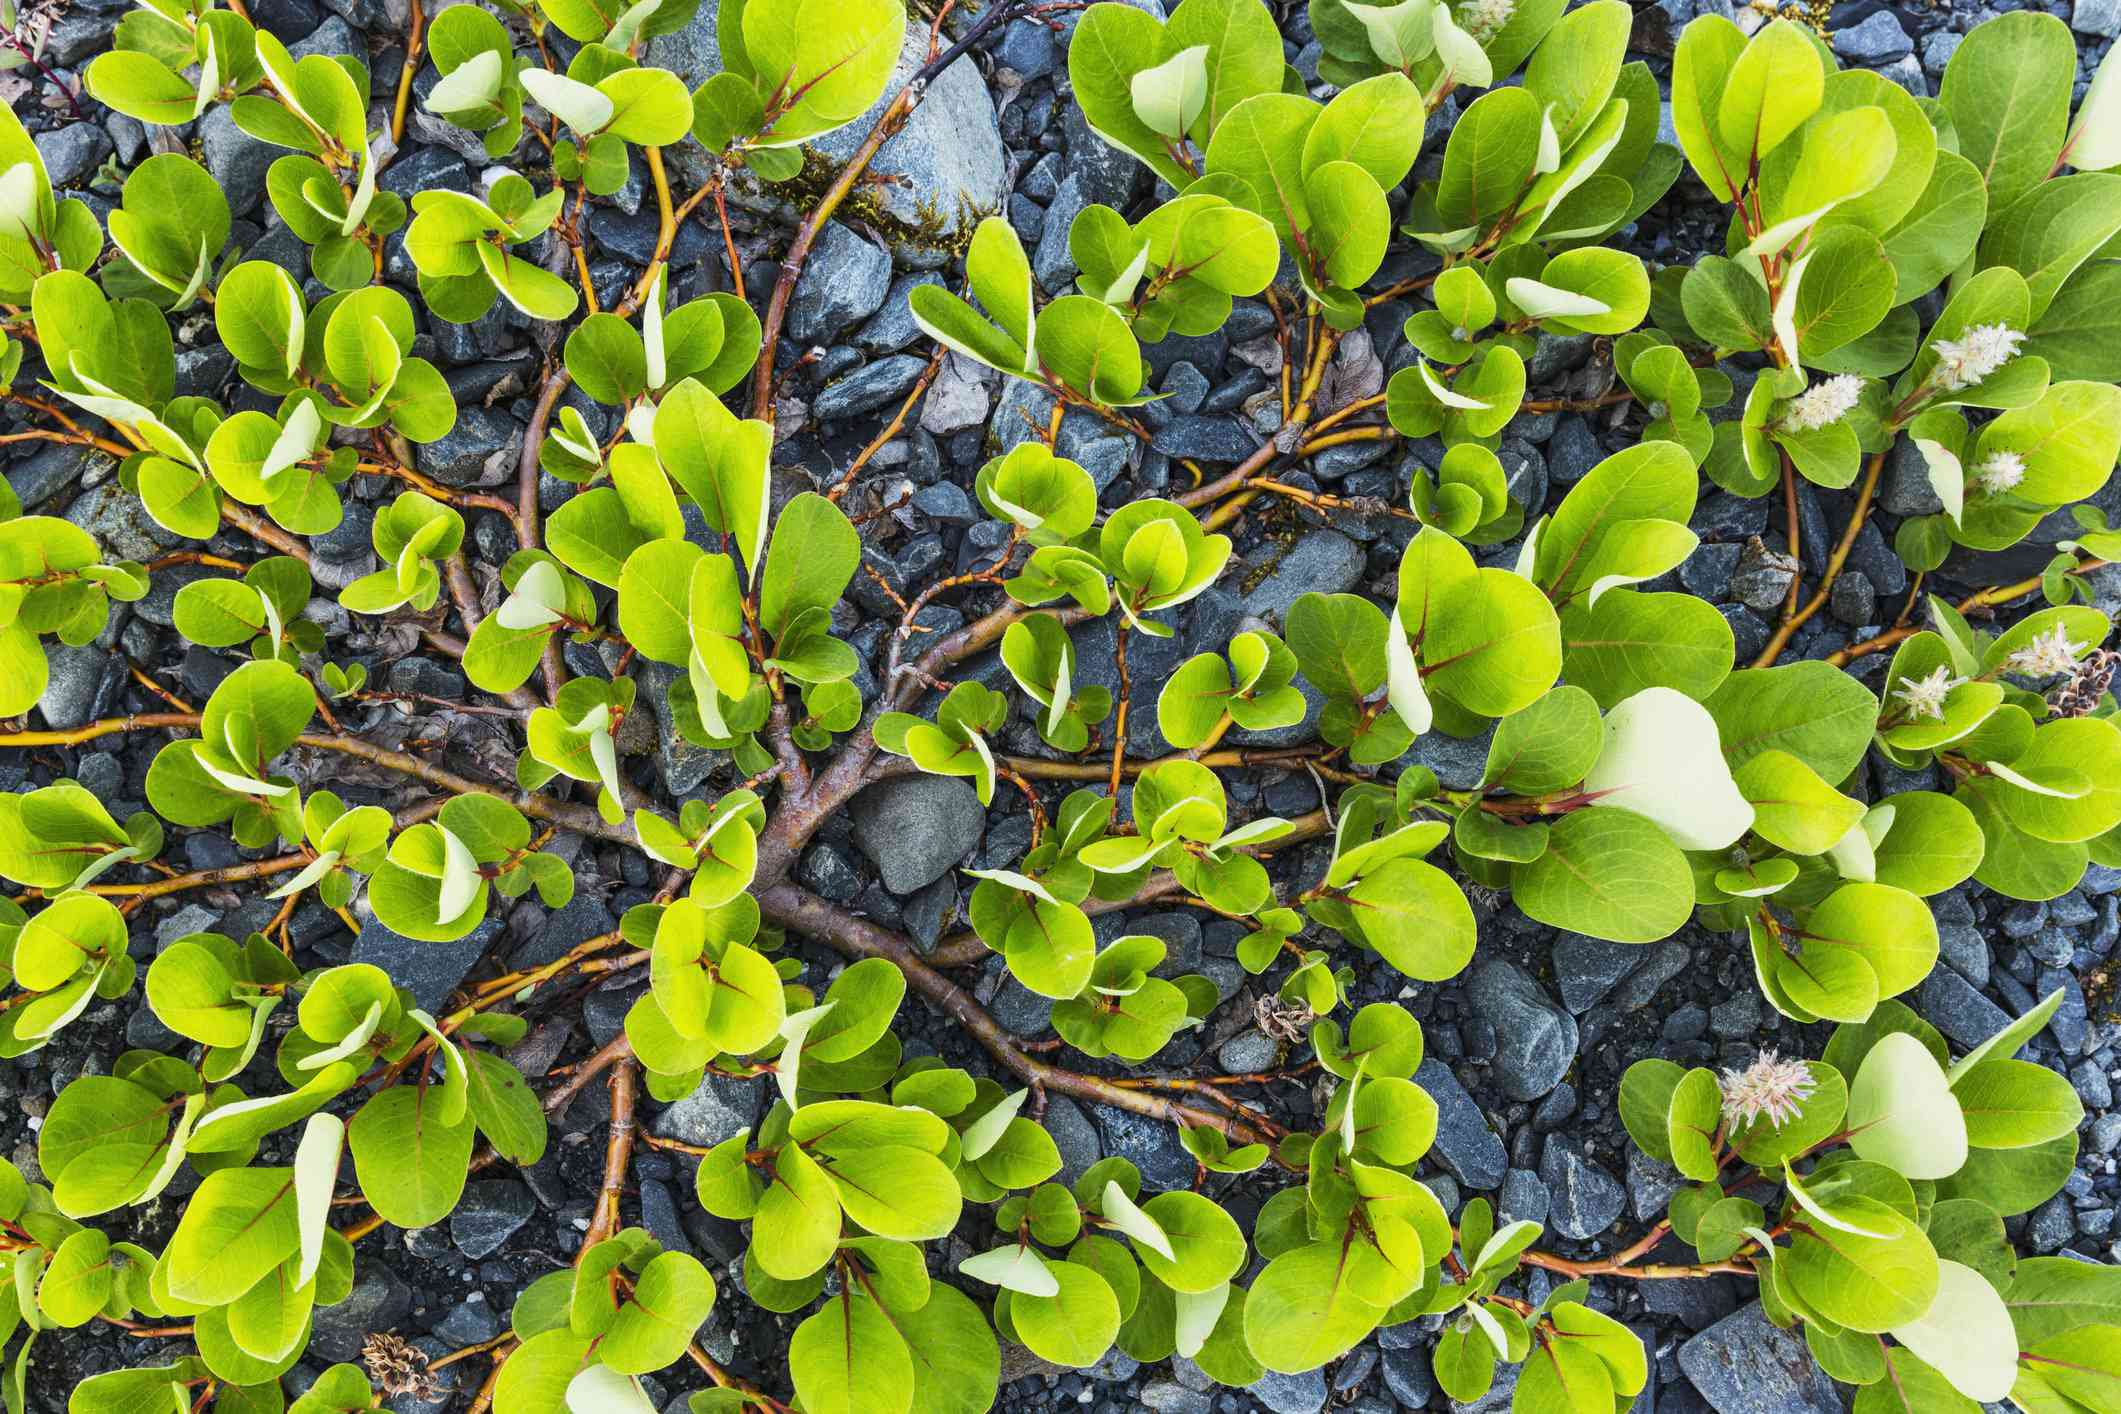 Dwarf willow plant